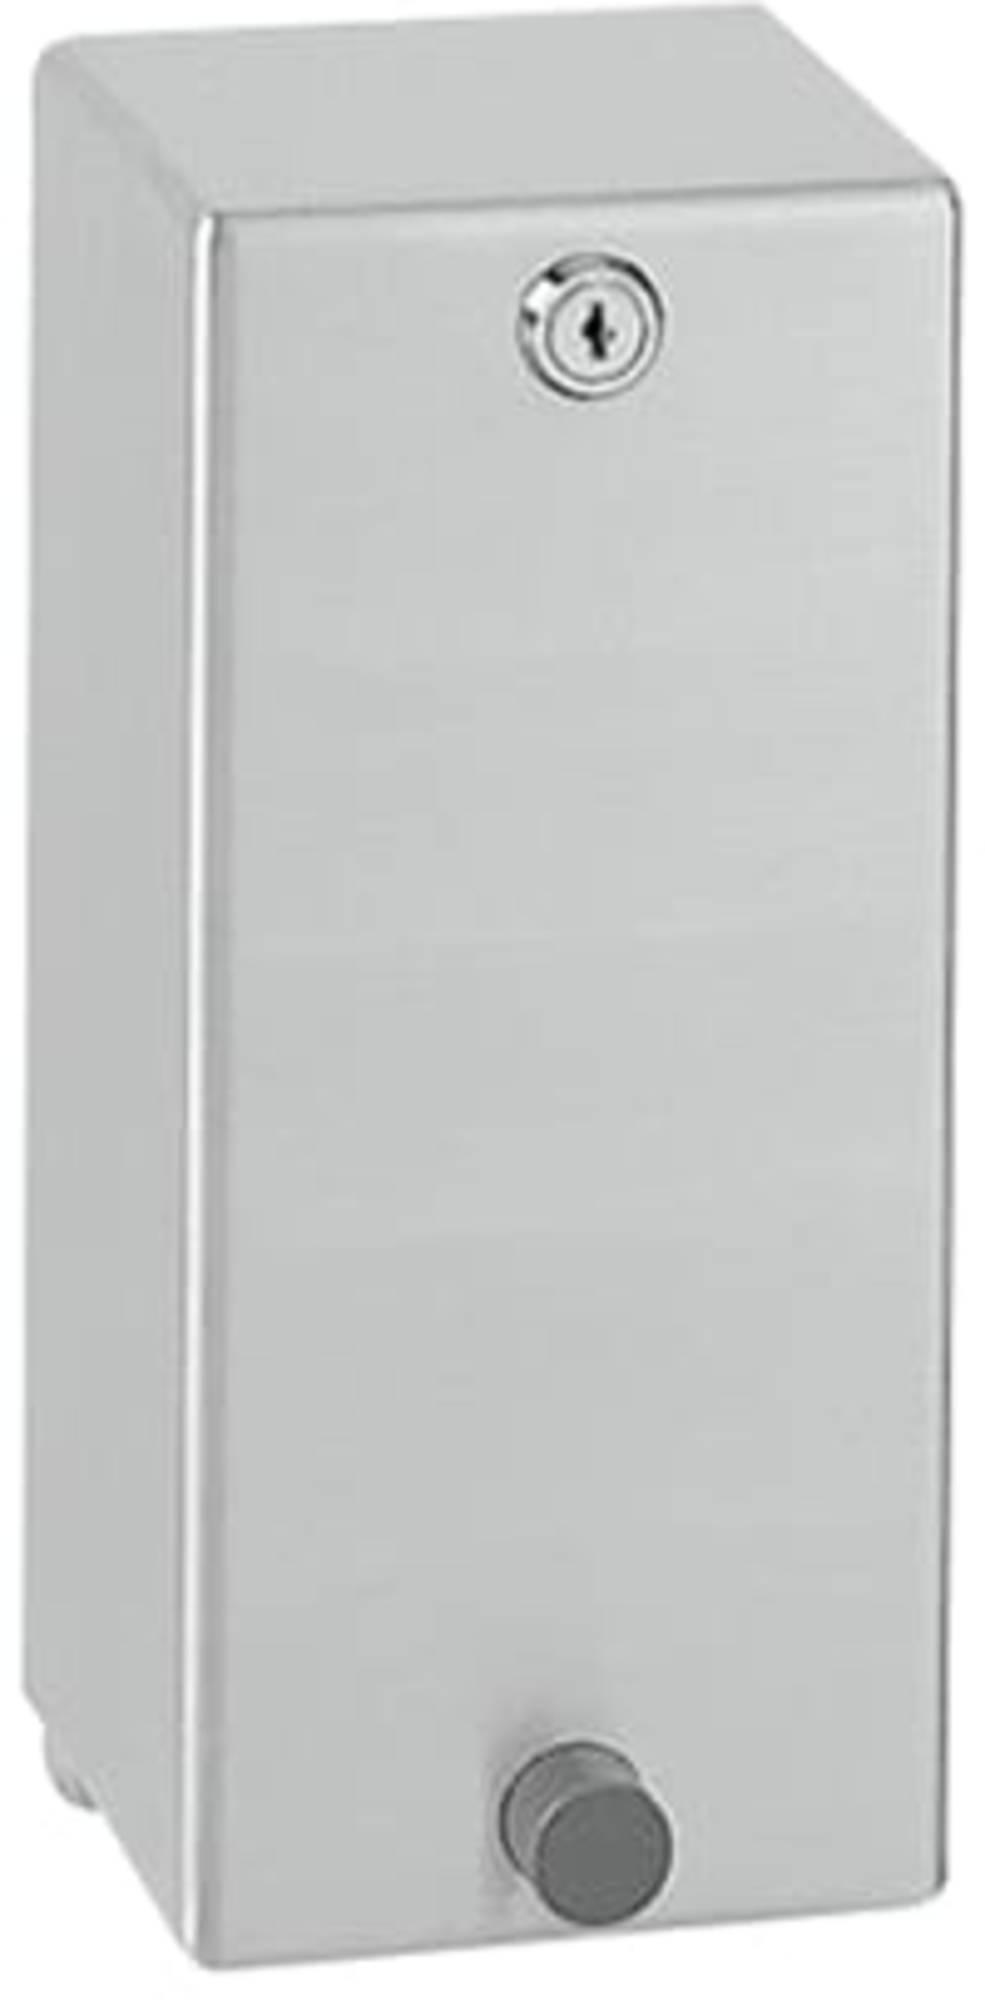 Franke Chronos zeepdispenser rvs, mat 2000057729